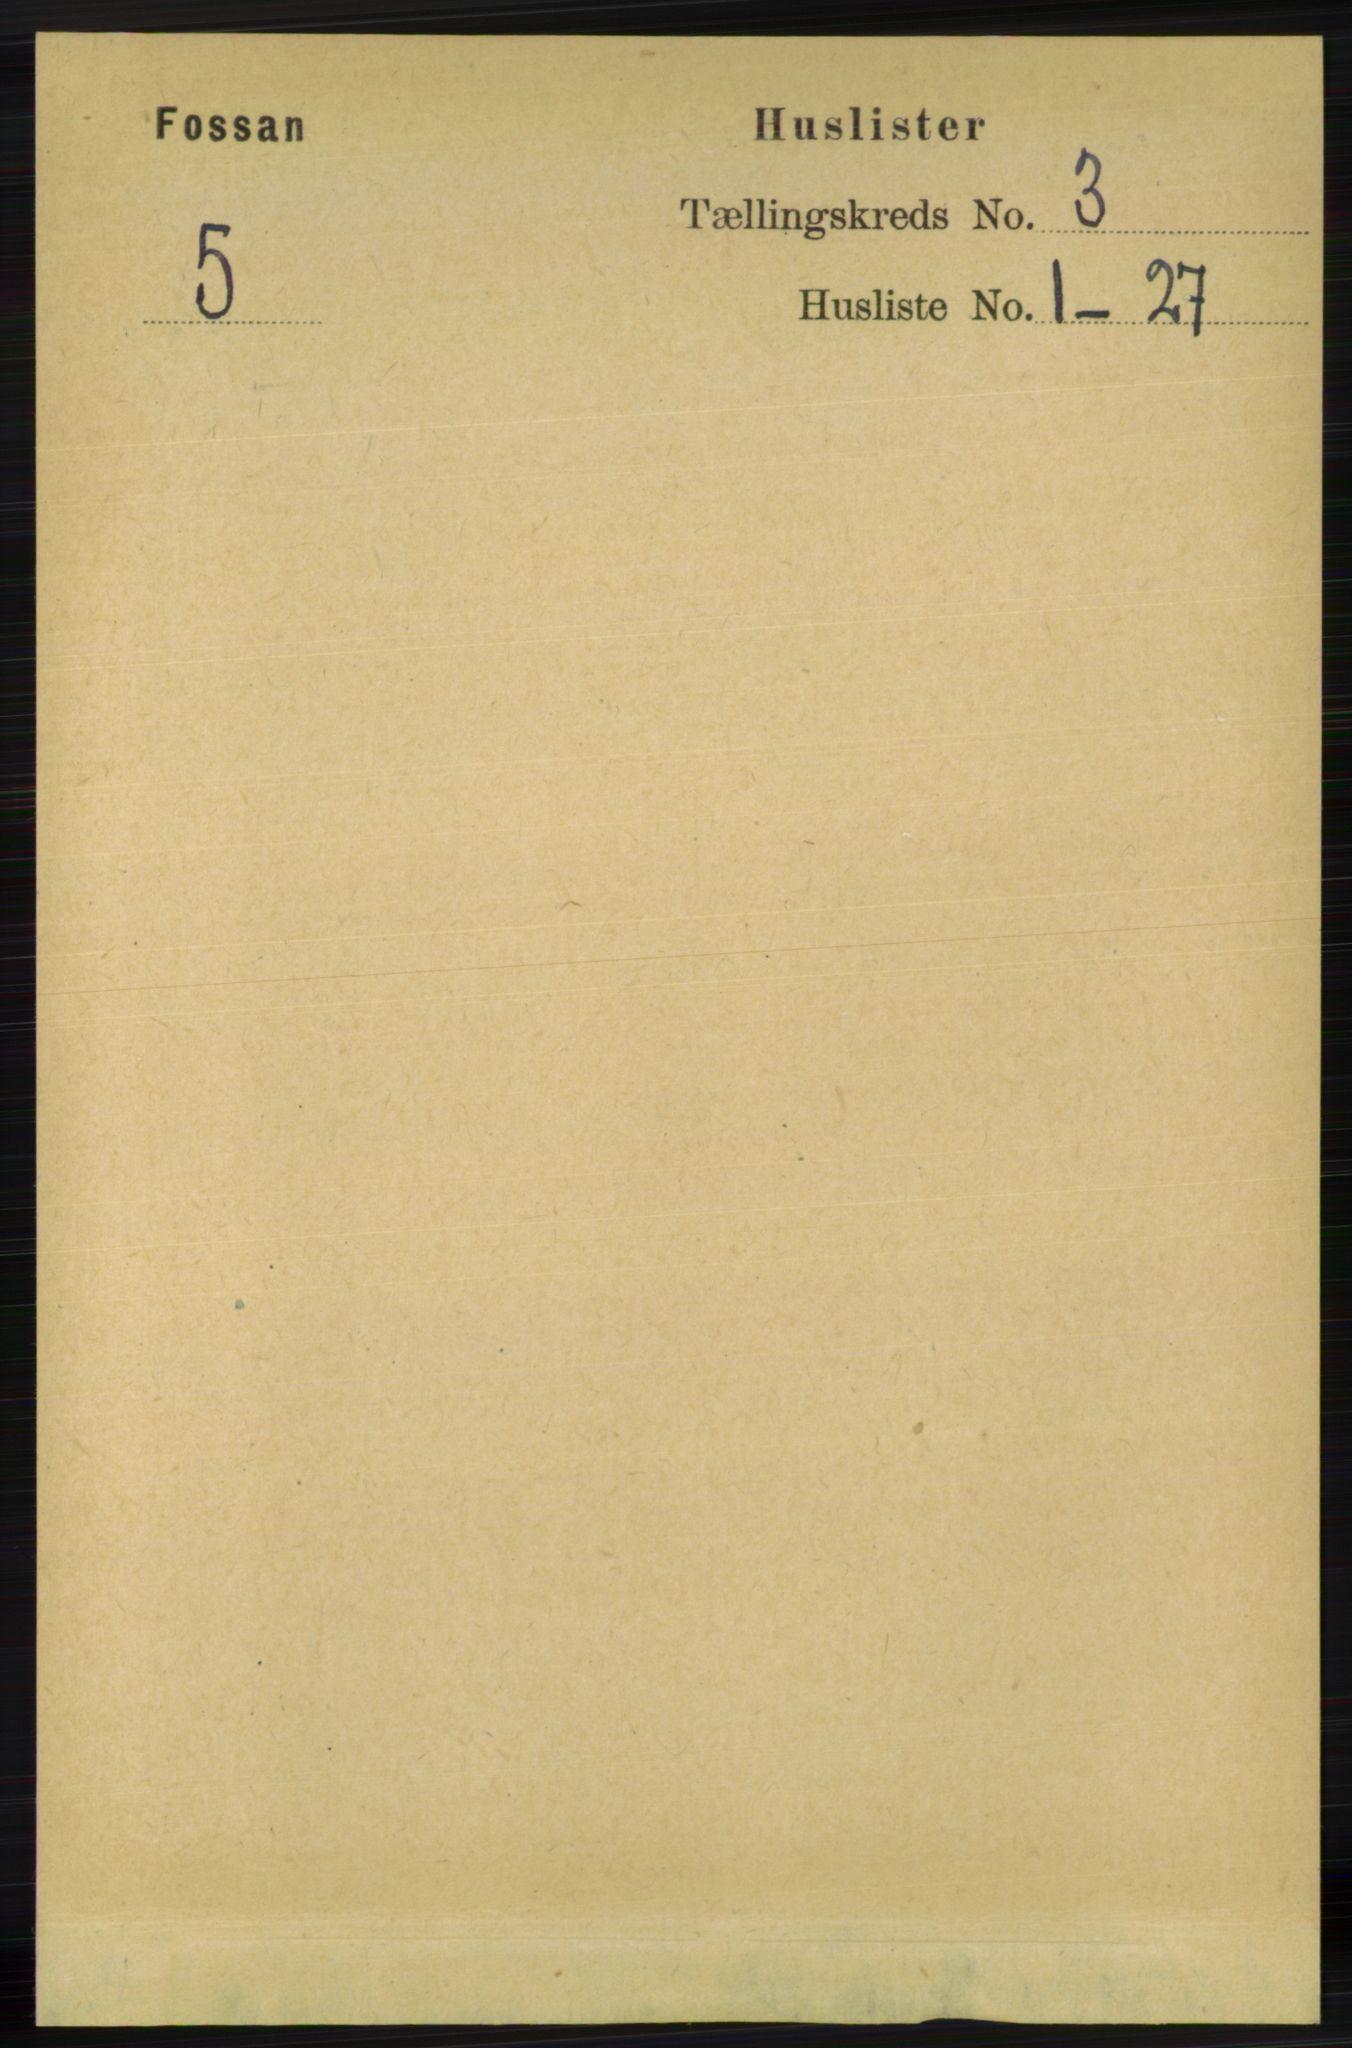 RA, Folketelling 1891 for 1129 Forsand herred, 1891, s. 298